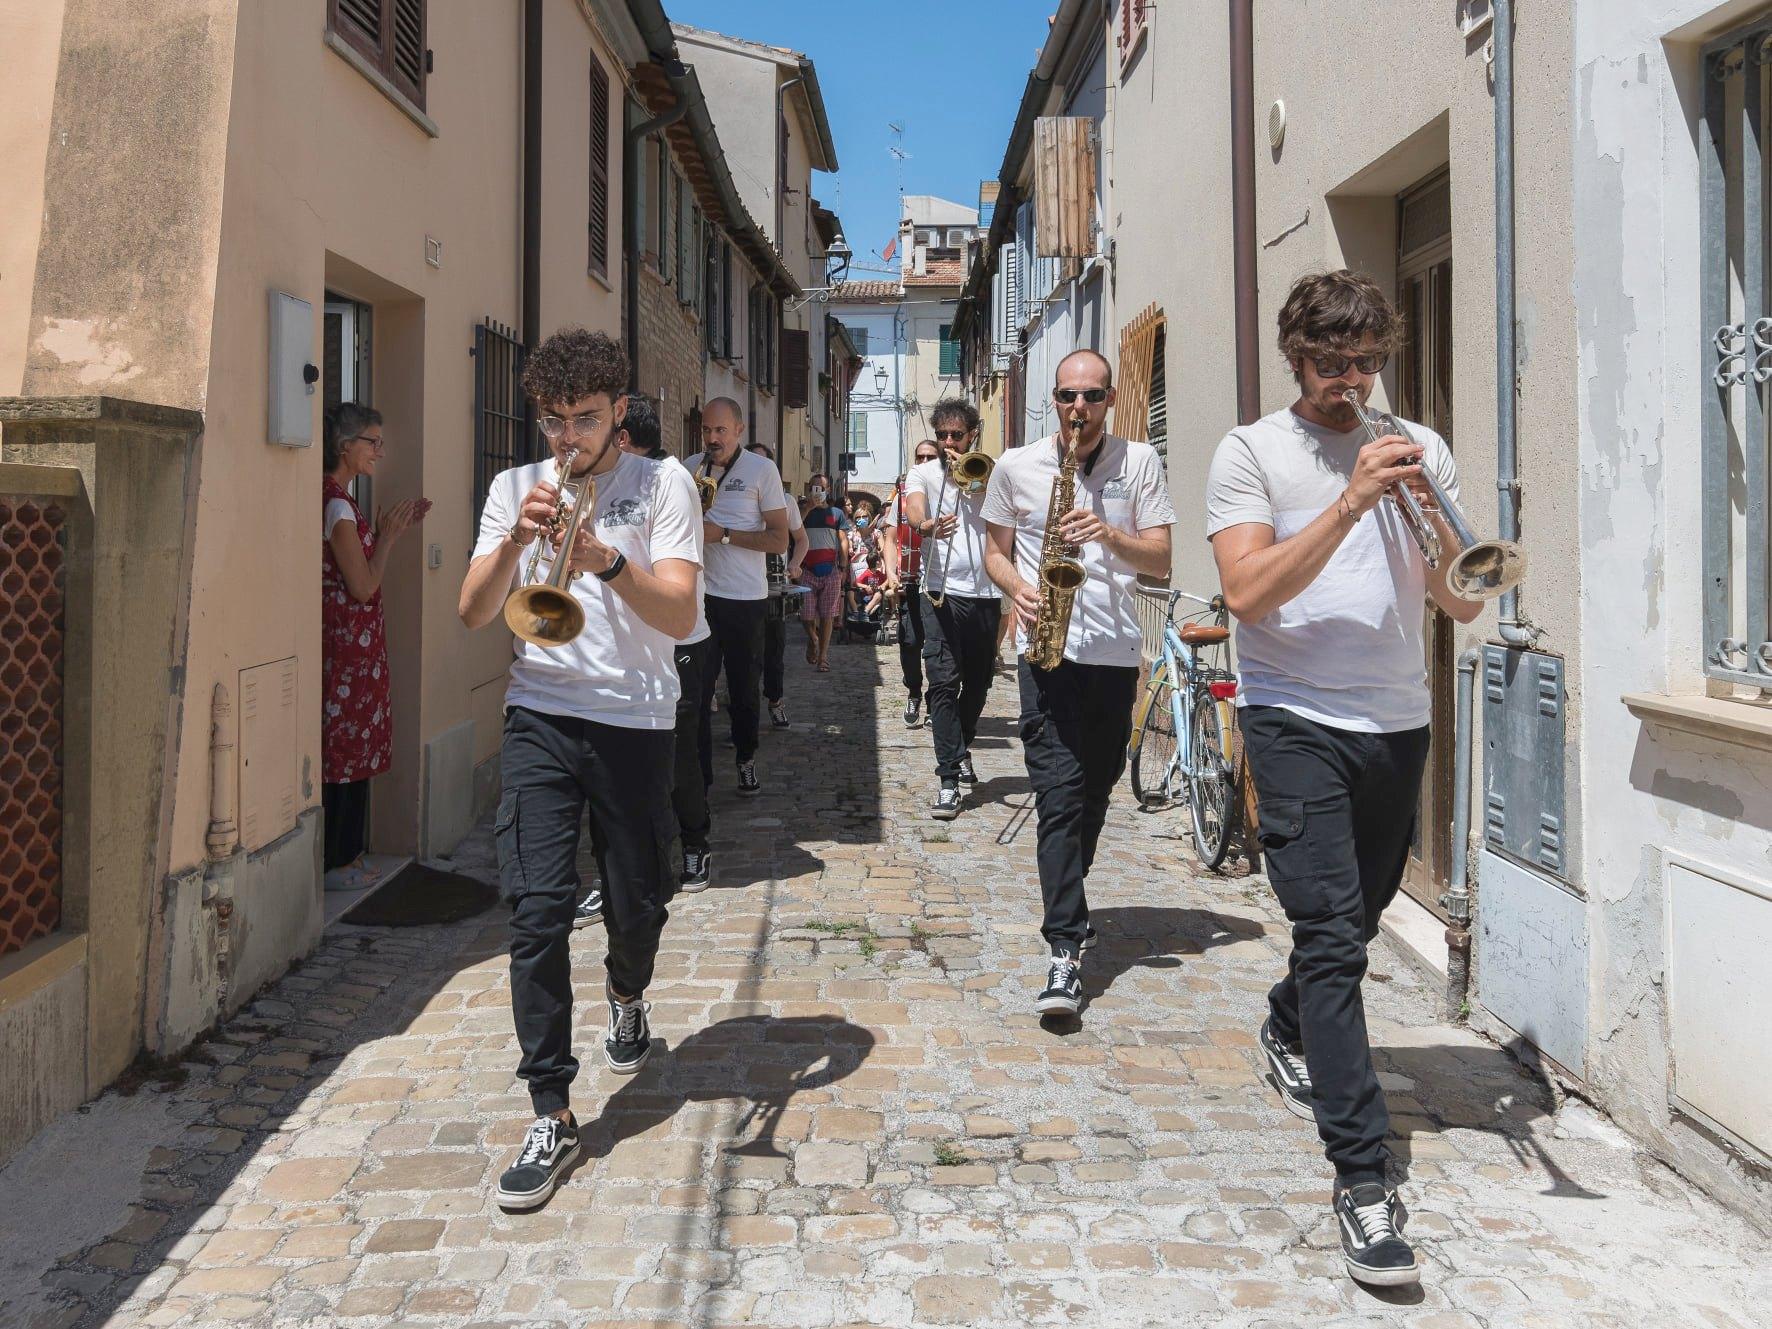 Progetto fotografico per Fano Jazz a cura di Andrea Rotili, Mirko Silvestrini ed Erika Belfiore